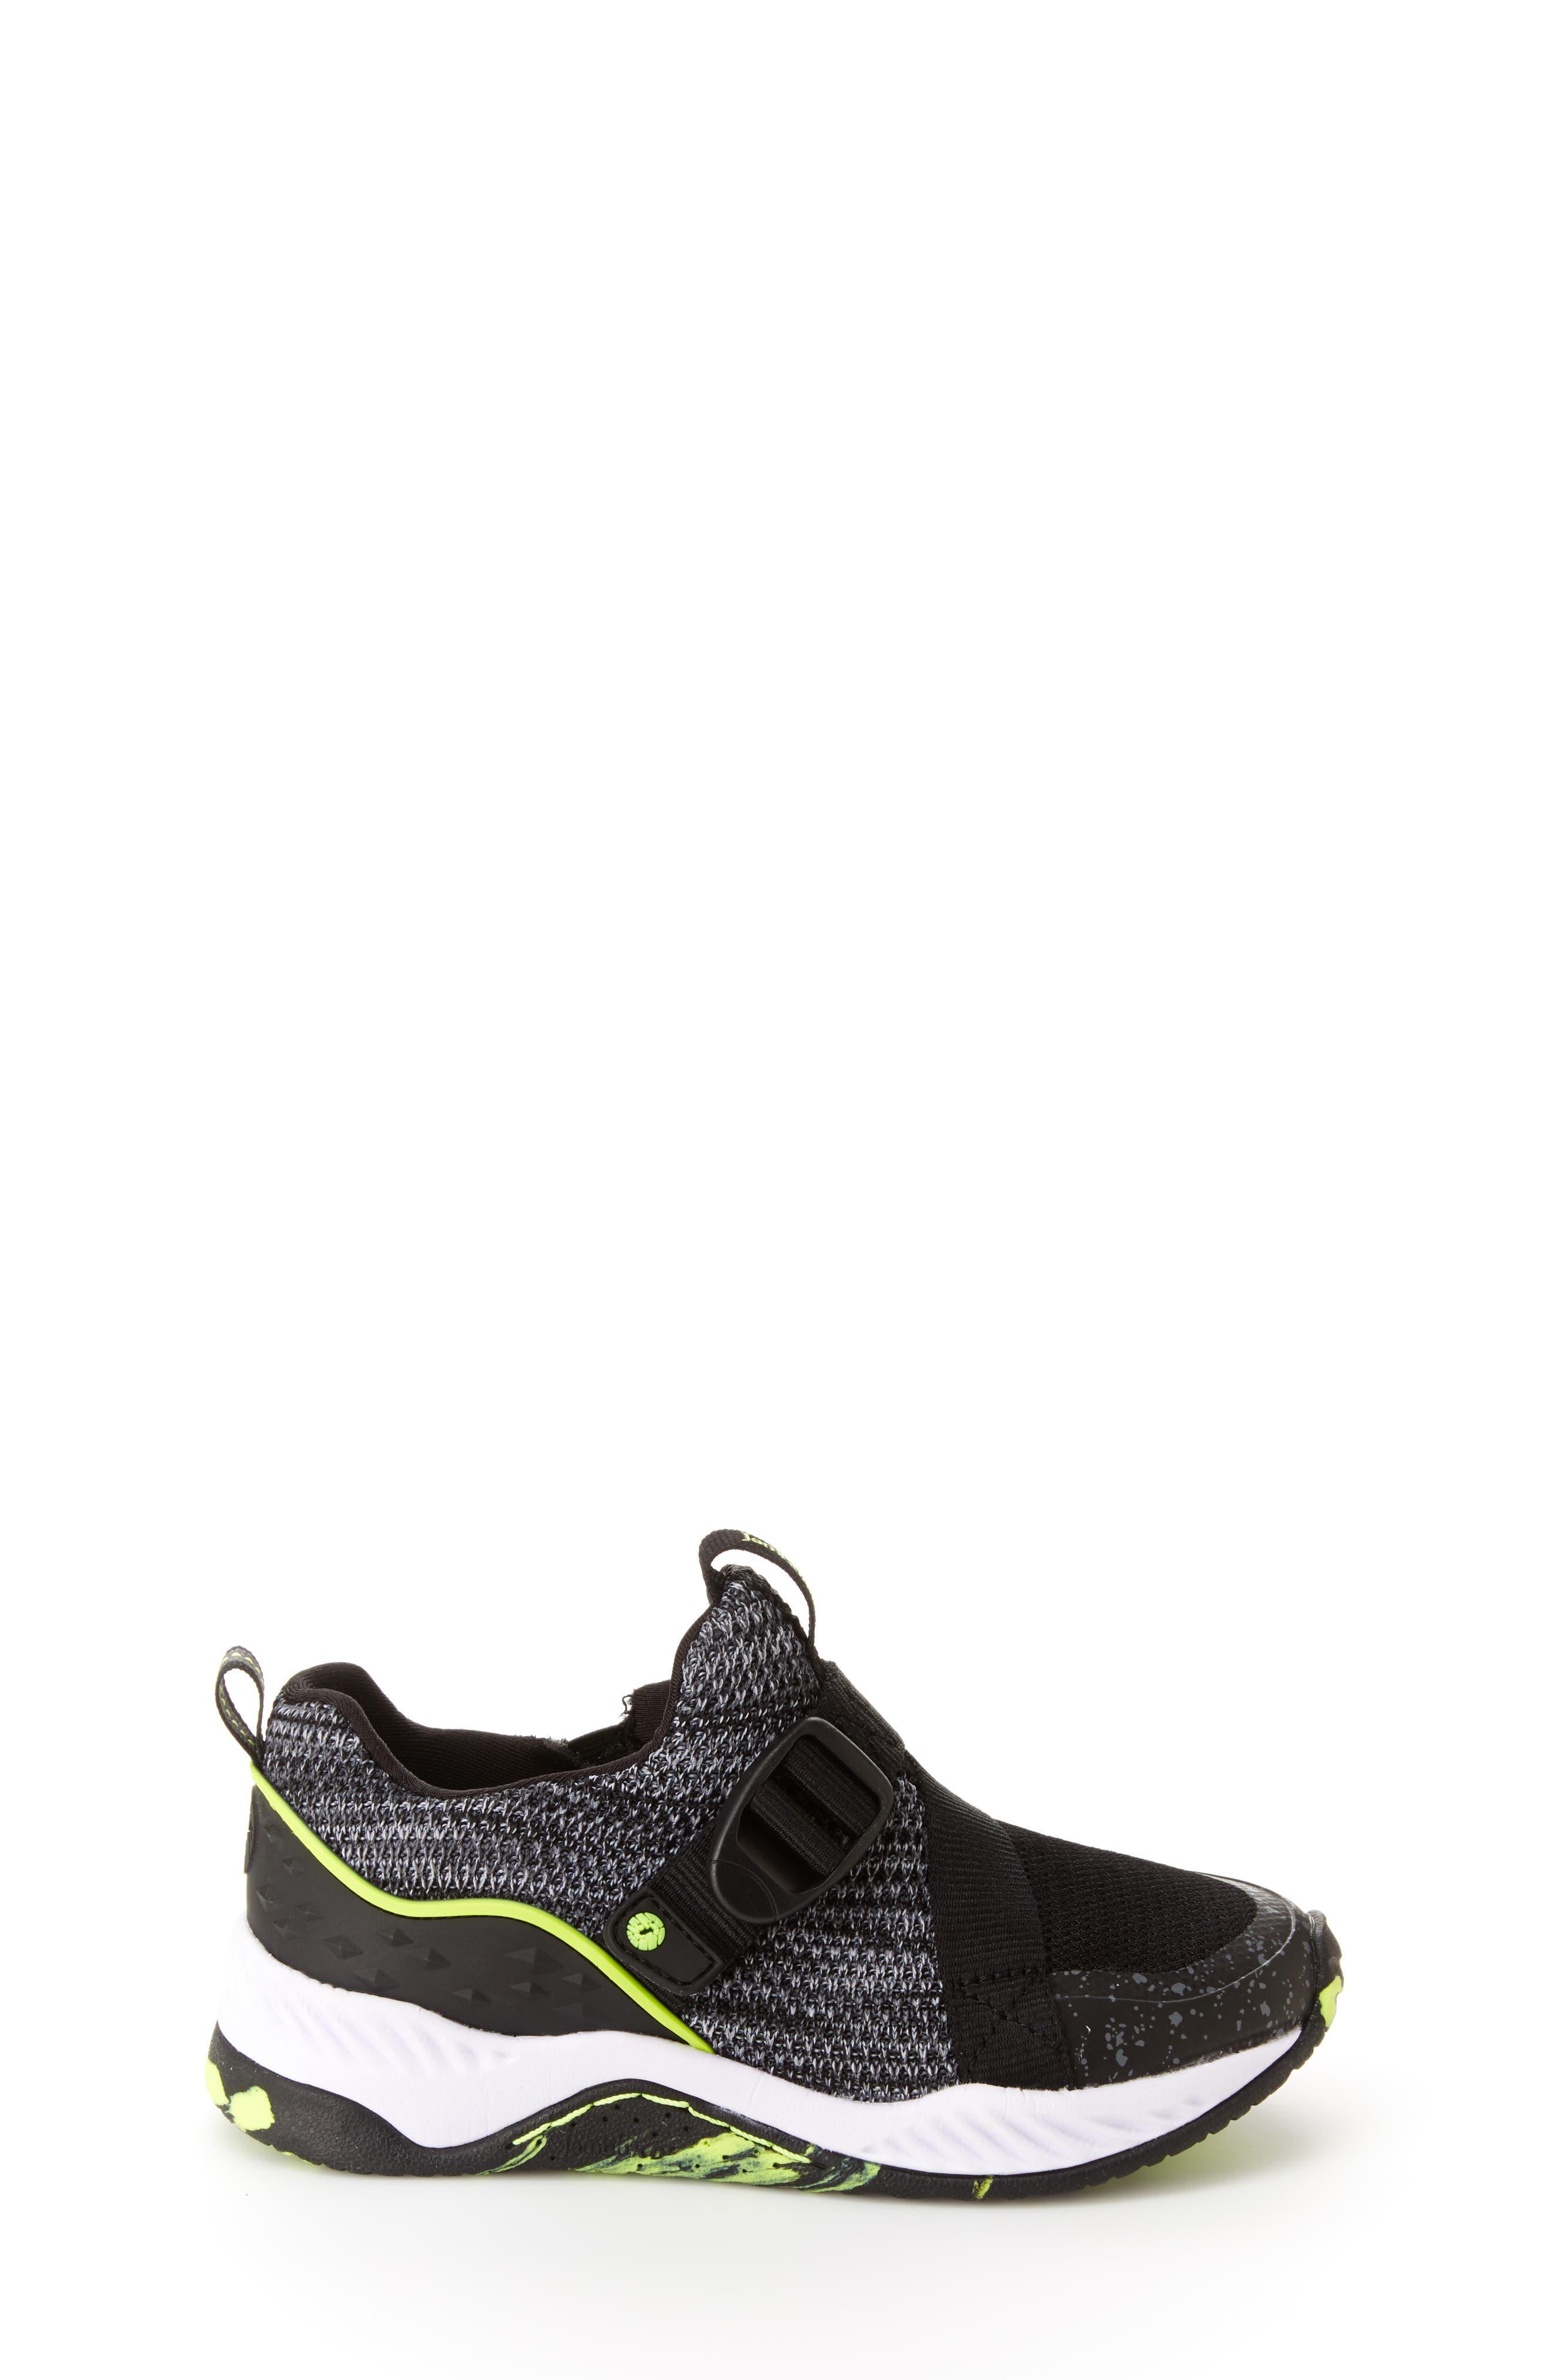 JAMBU, Rowan Sneaker, Alternate thumbnail 3, color, 001